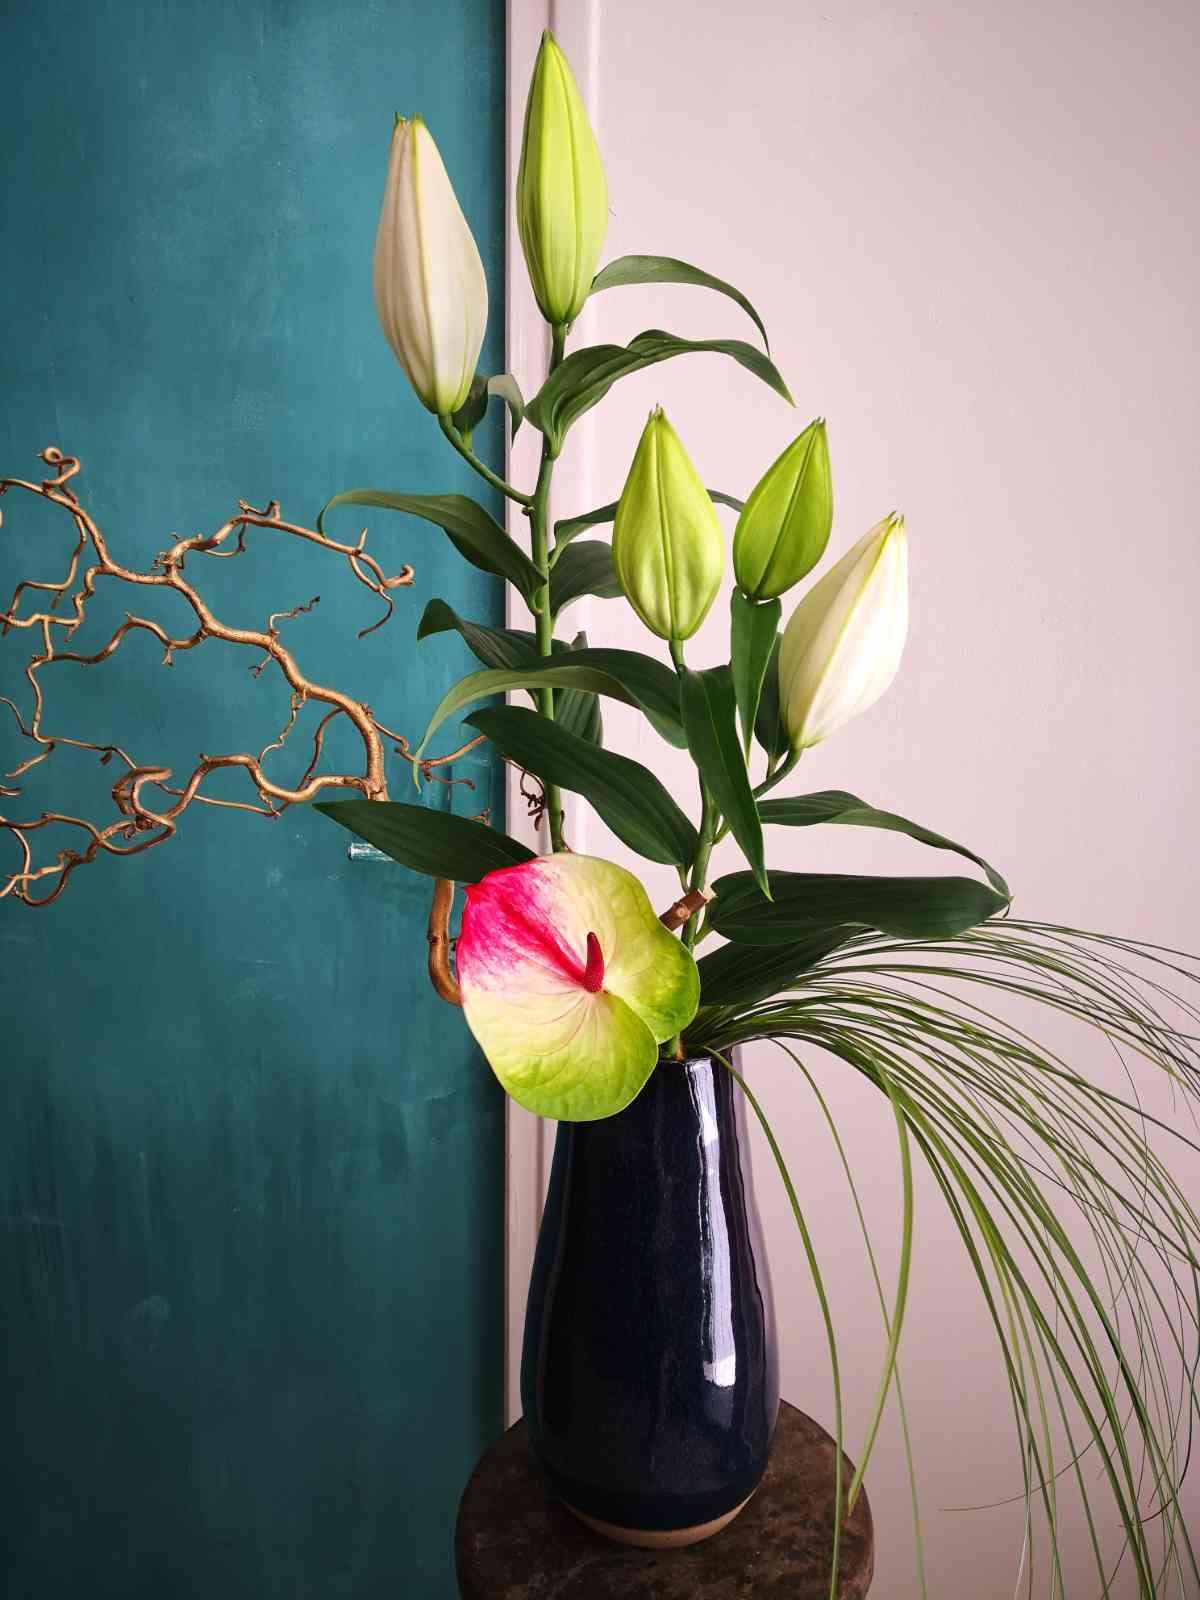 192 Décoration florale pour des évènements (mariage, anniversaire, etc.) | Aux Quatre Saisons à Boissy-Saint-Léger